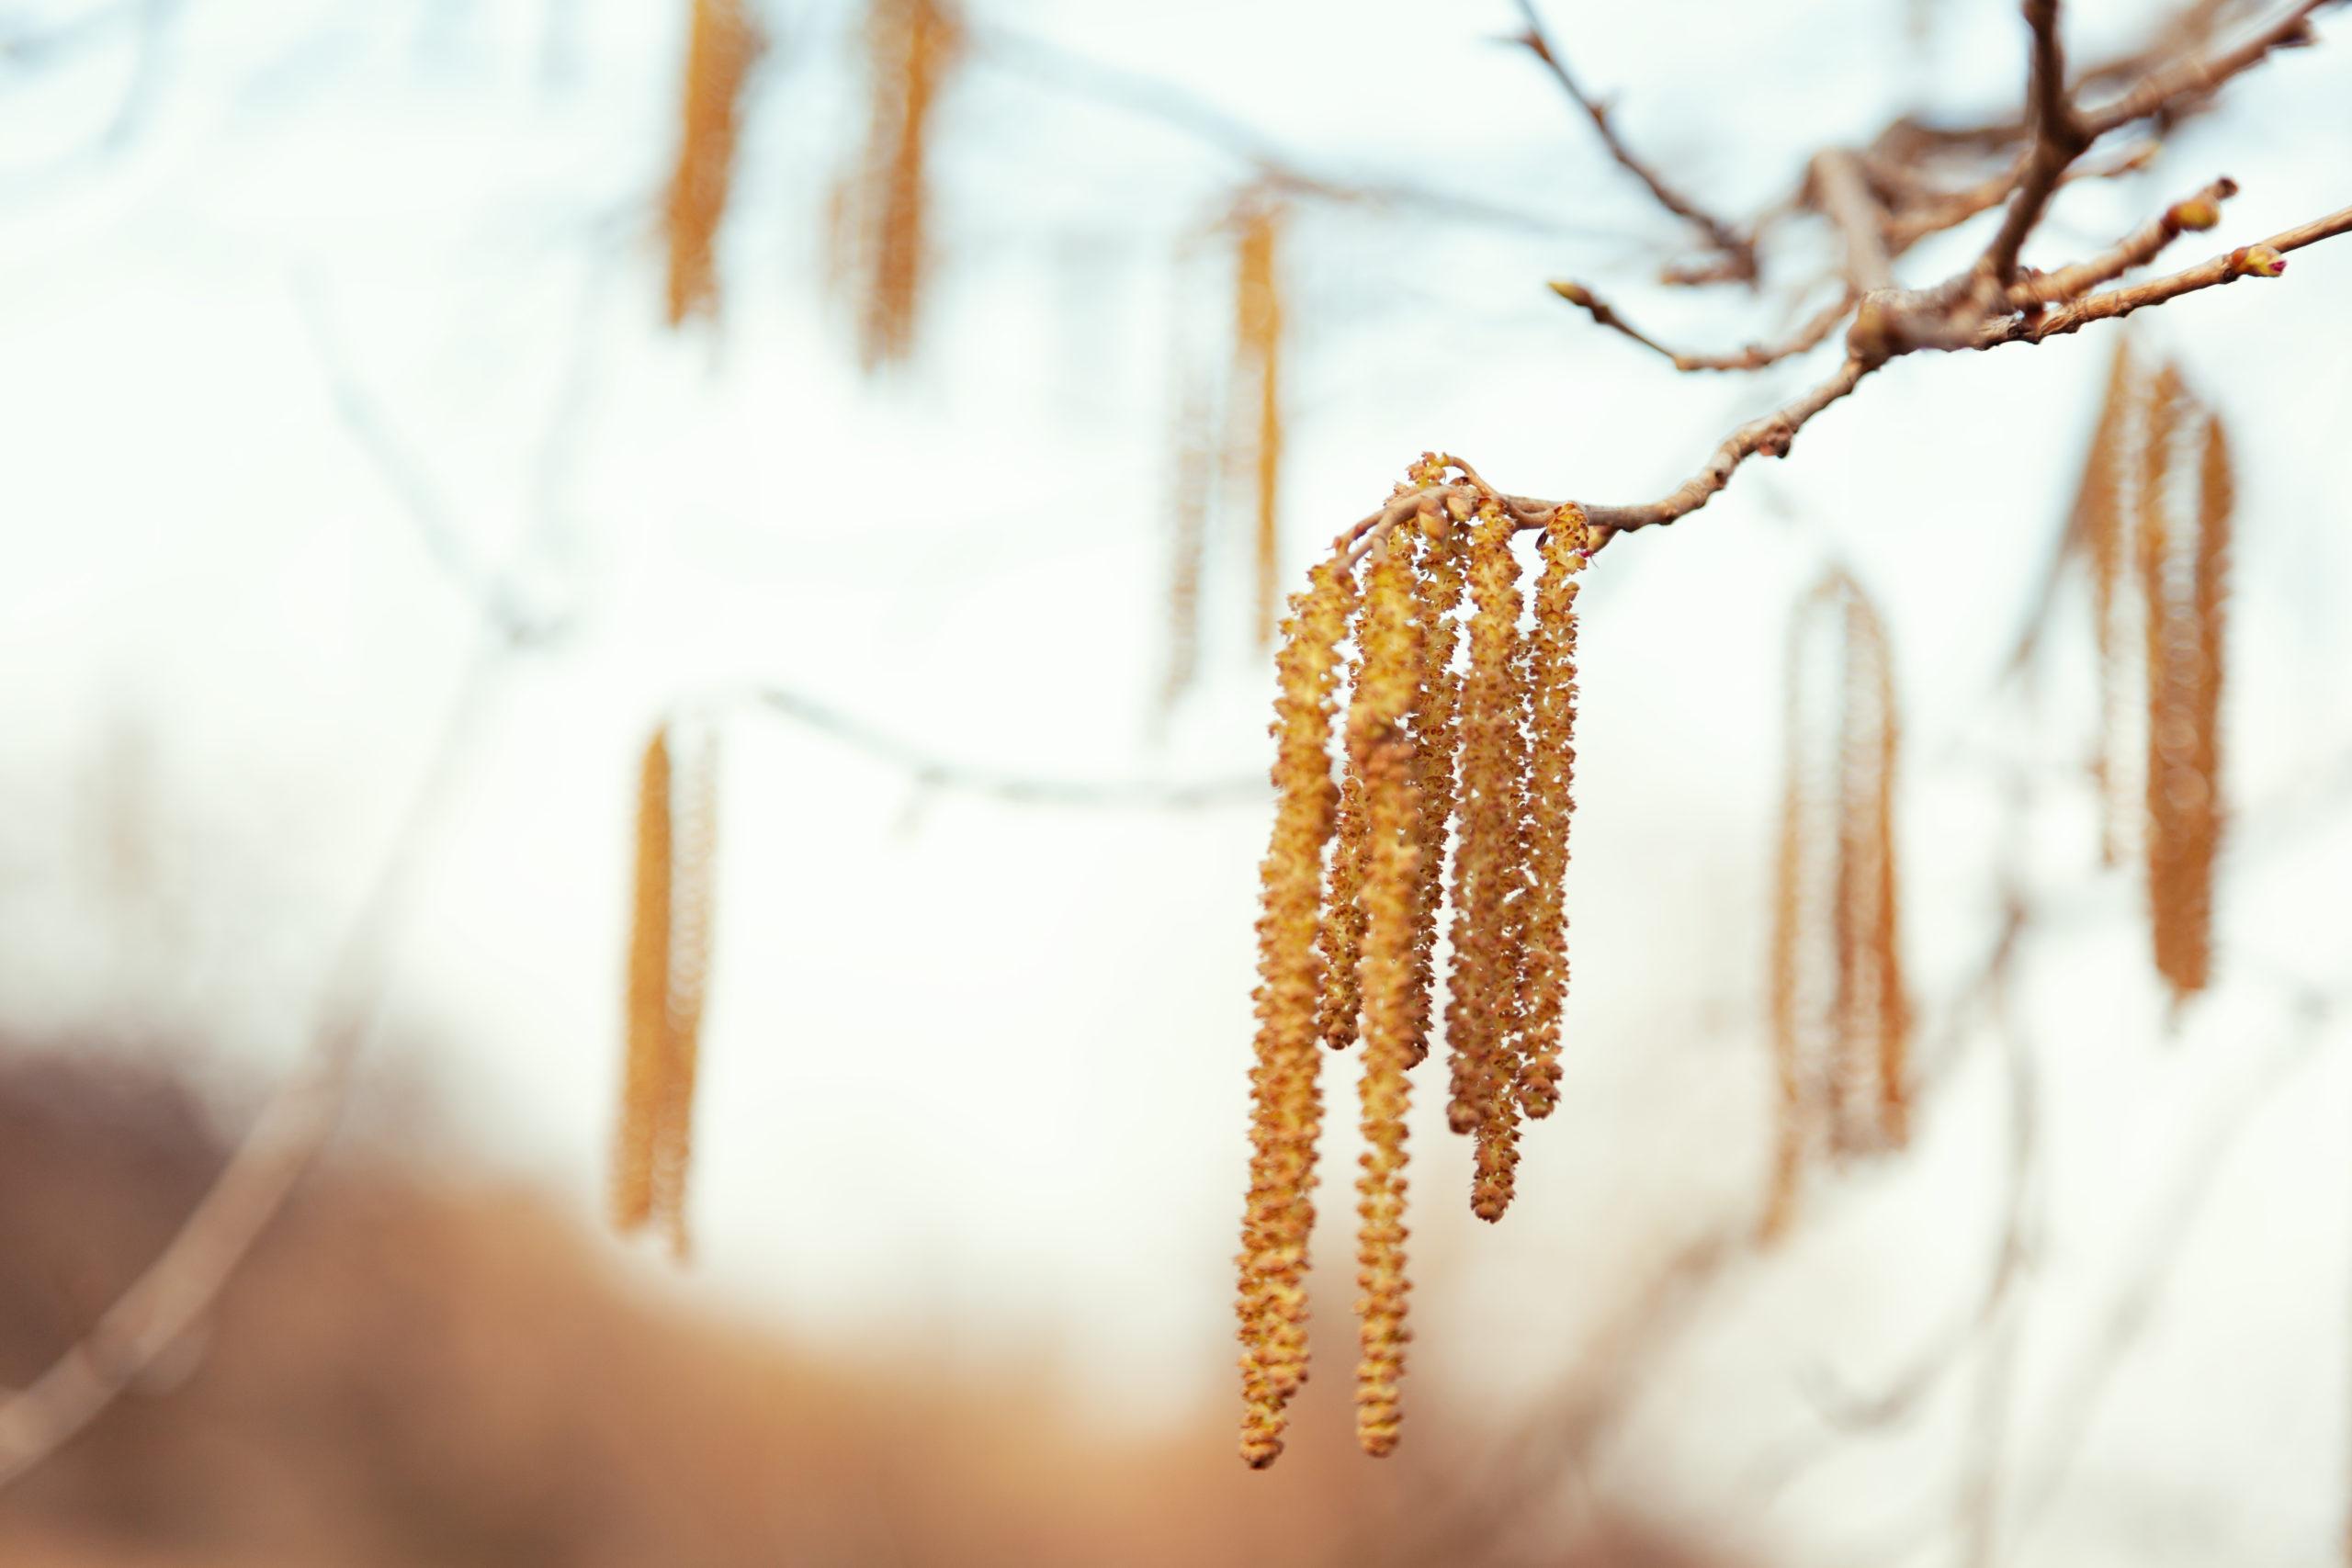 сережки ольхи на ветке